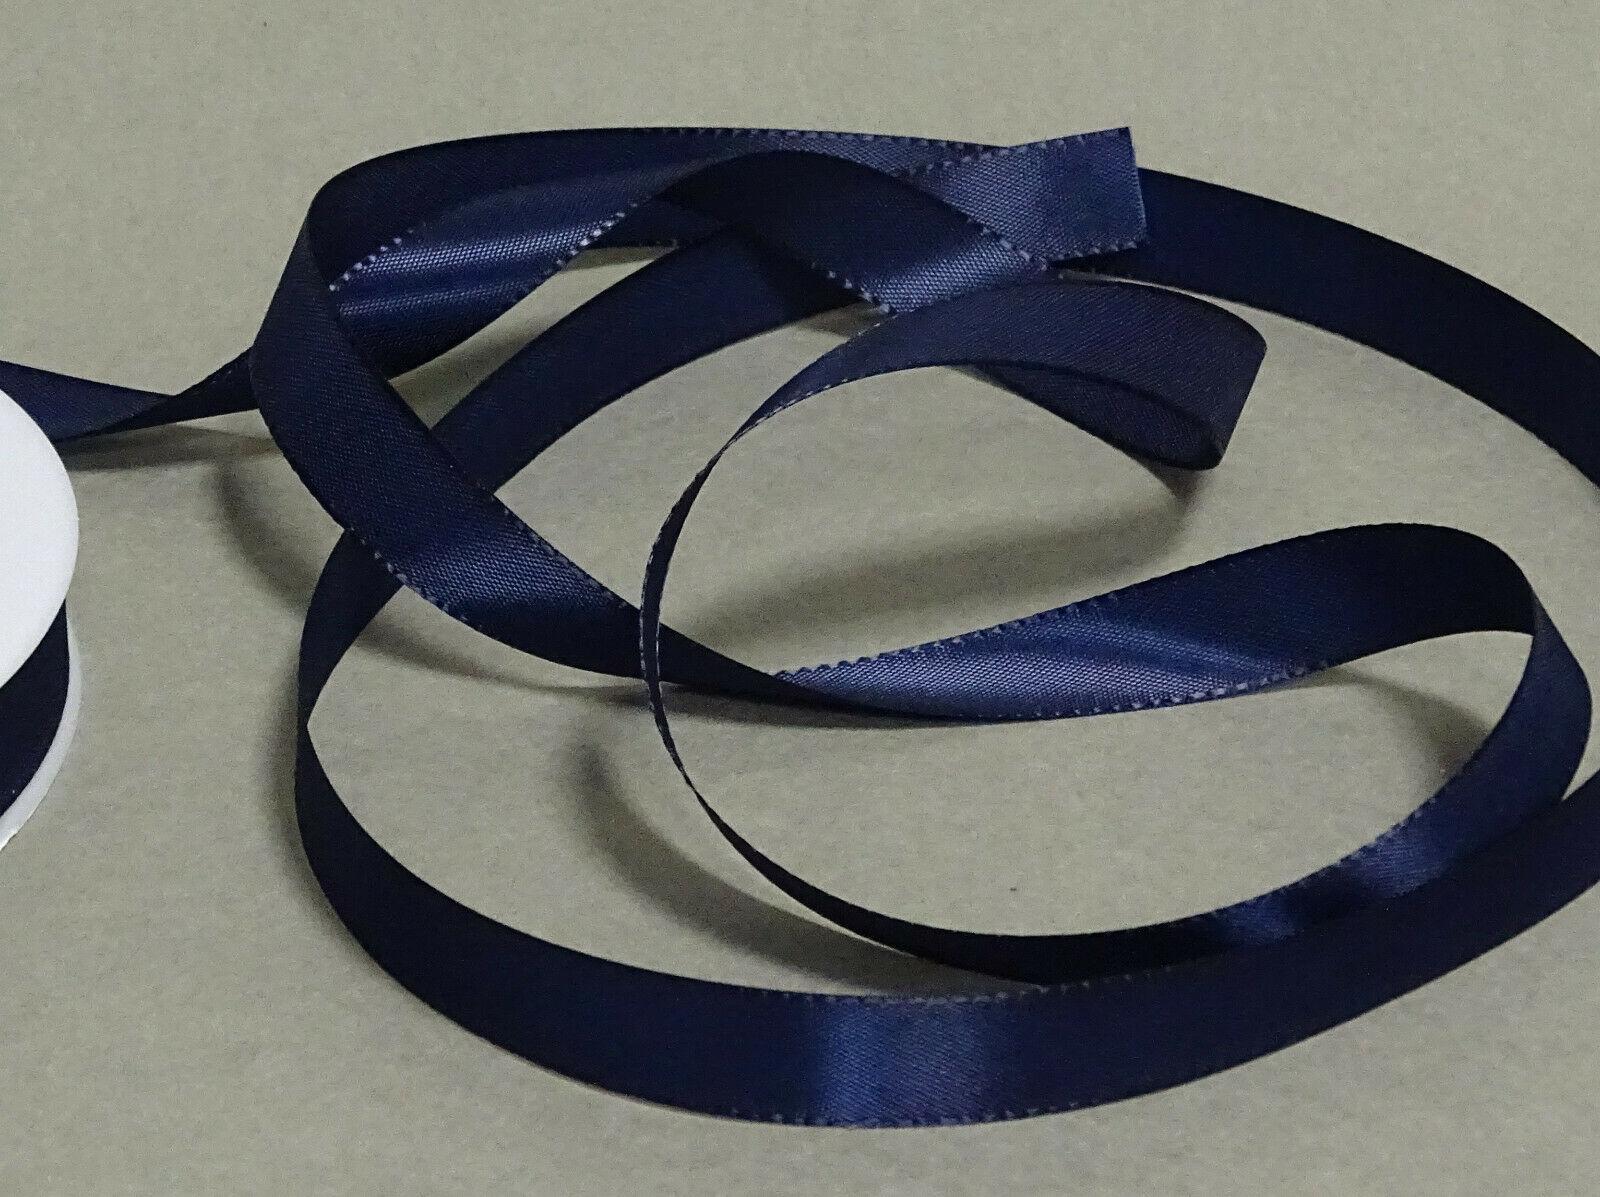 Seidenband Schleifenband 50 m x 15 mm / 40 mm Dekoband ab 0,08 €/m Geschenkband  - Dunkelblau 121, 15 mm x 50 m